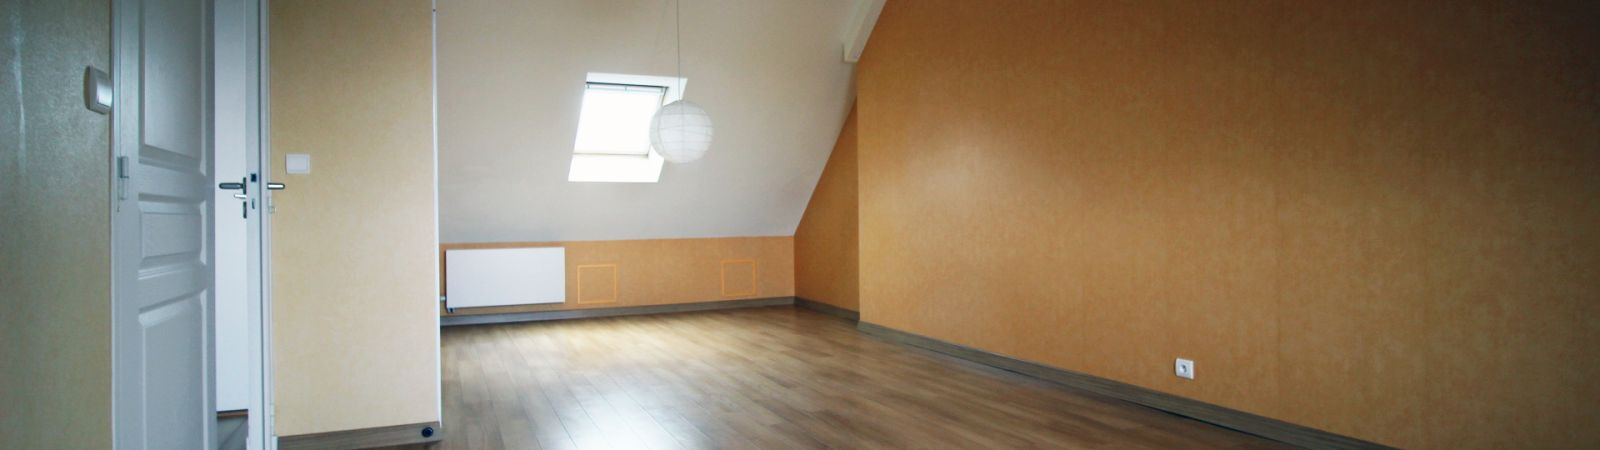 photo 6: Emplacement privilégié pour cet appartement de standing en duplex